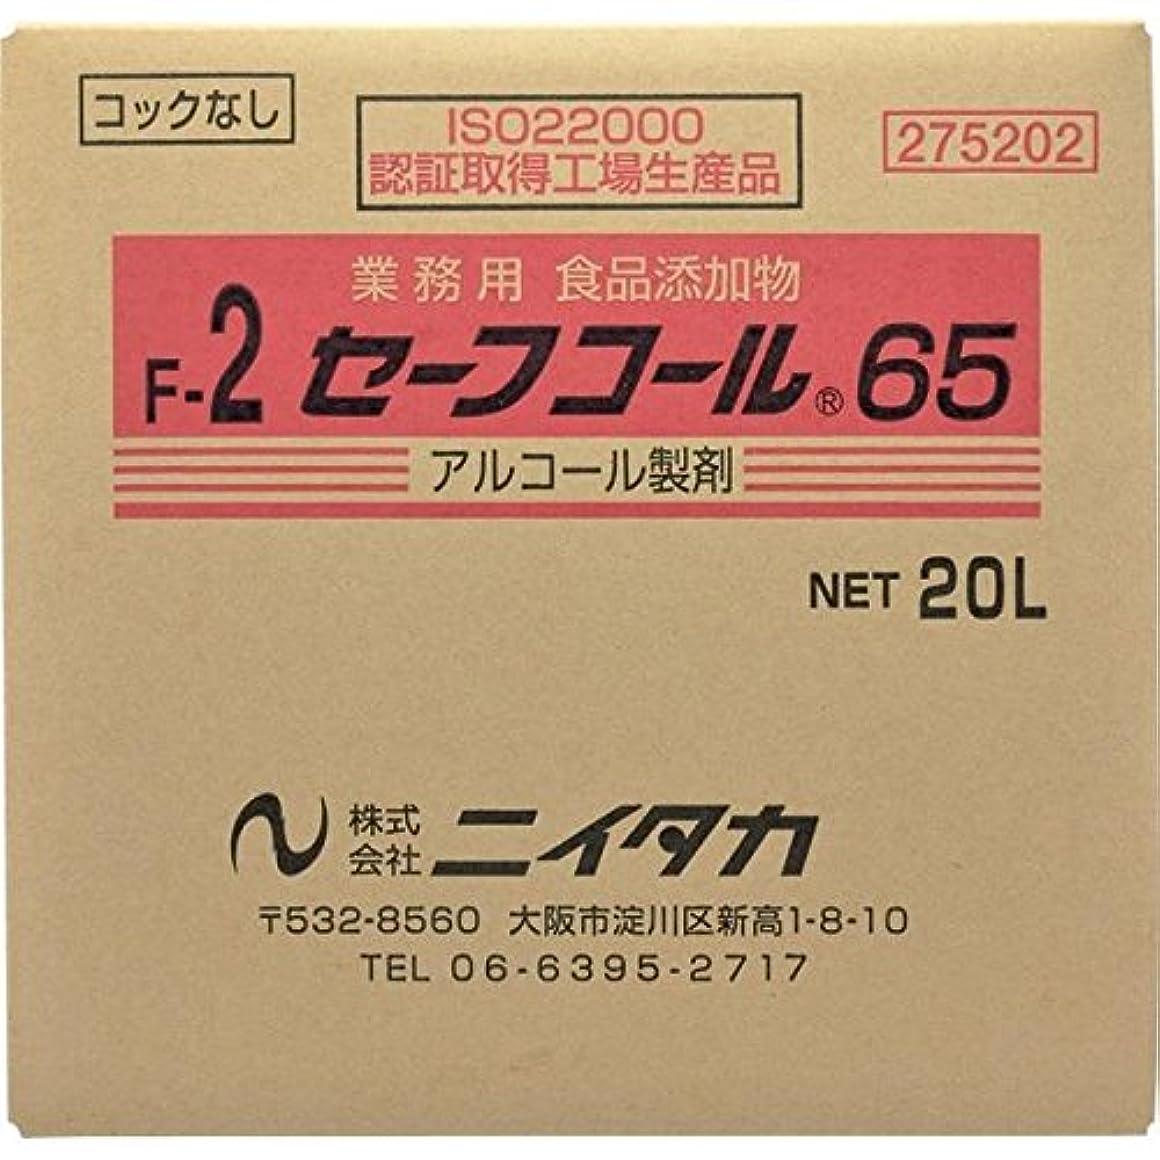 成熟した突進そのようなニイタカ:セーフコール65(F-2) 20L(BIB) 275202